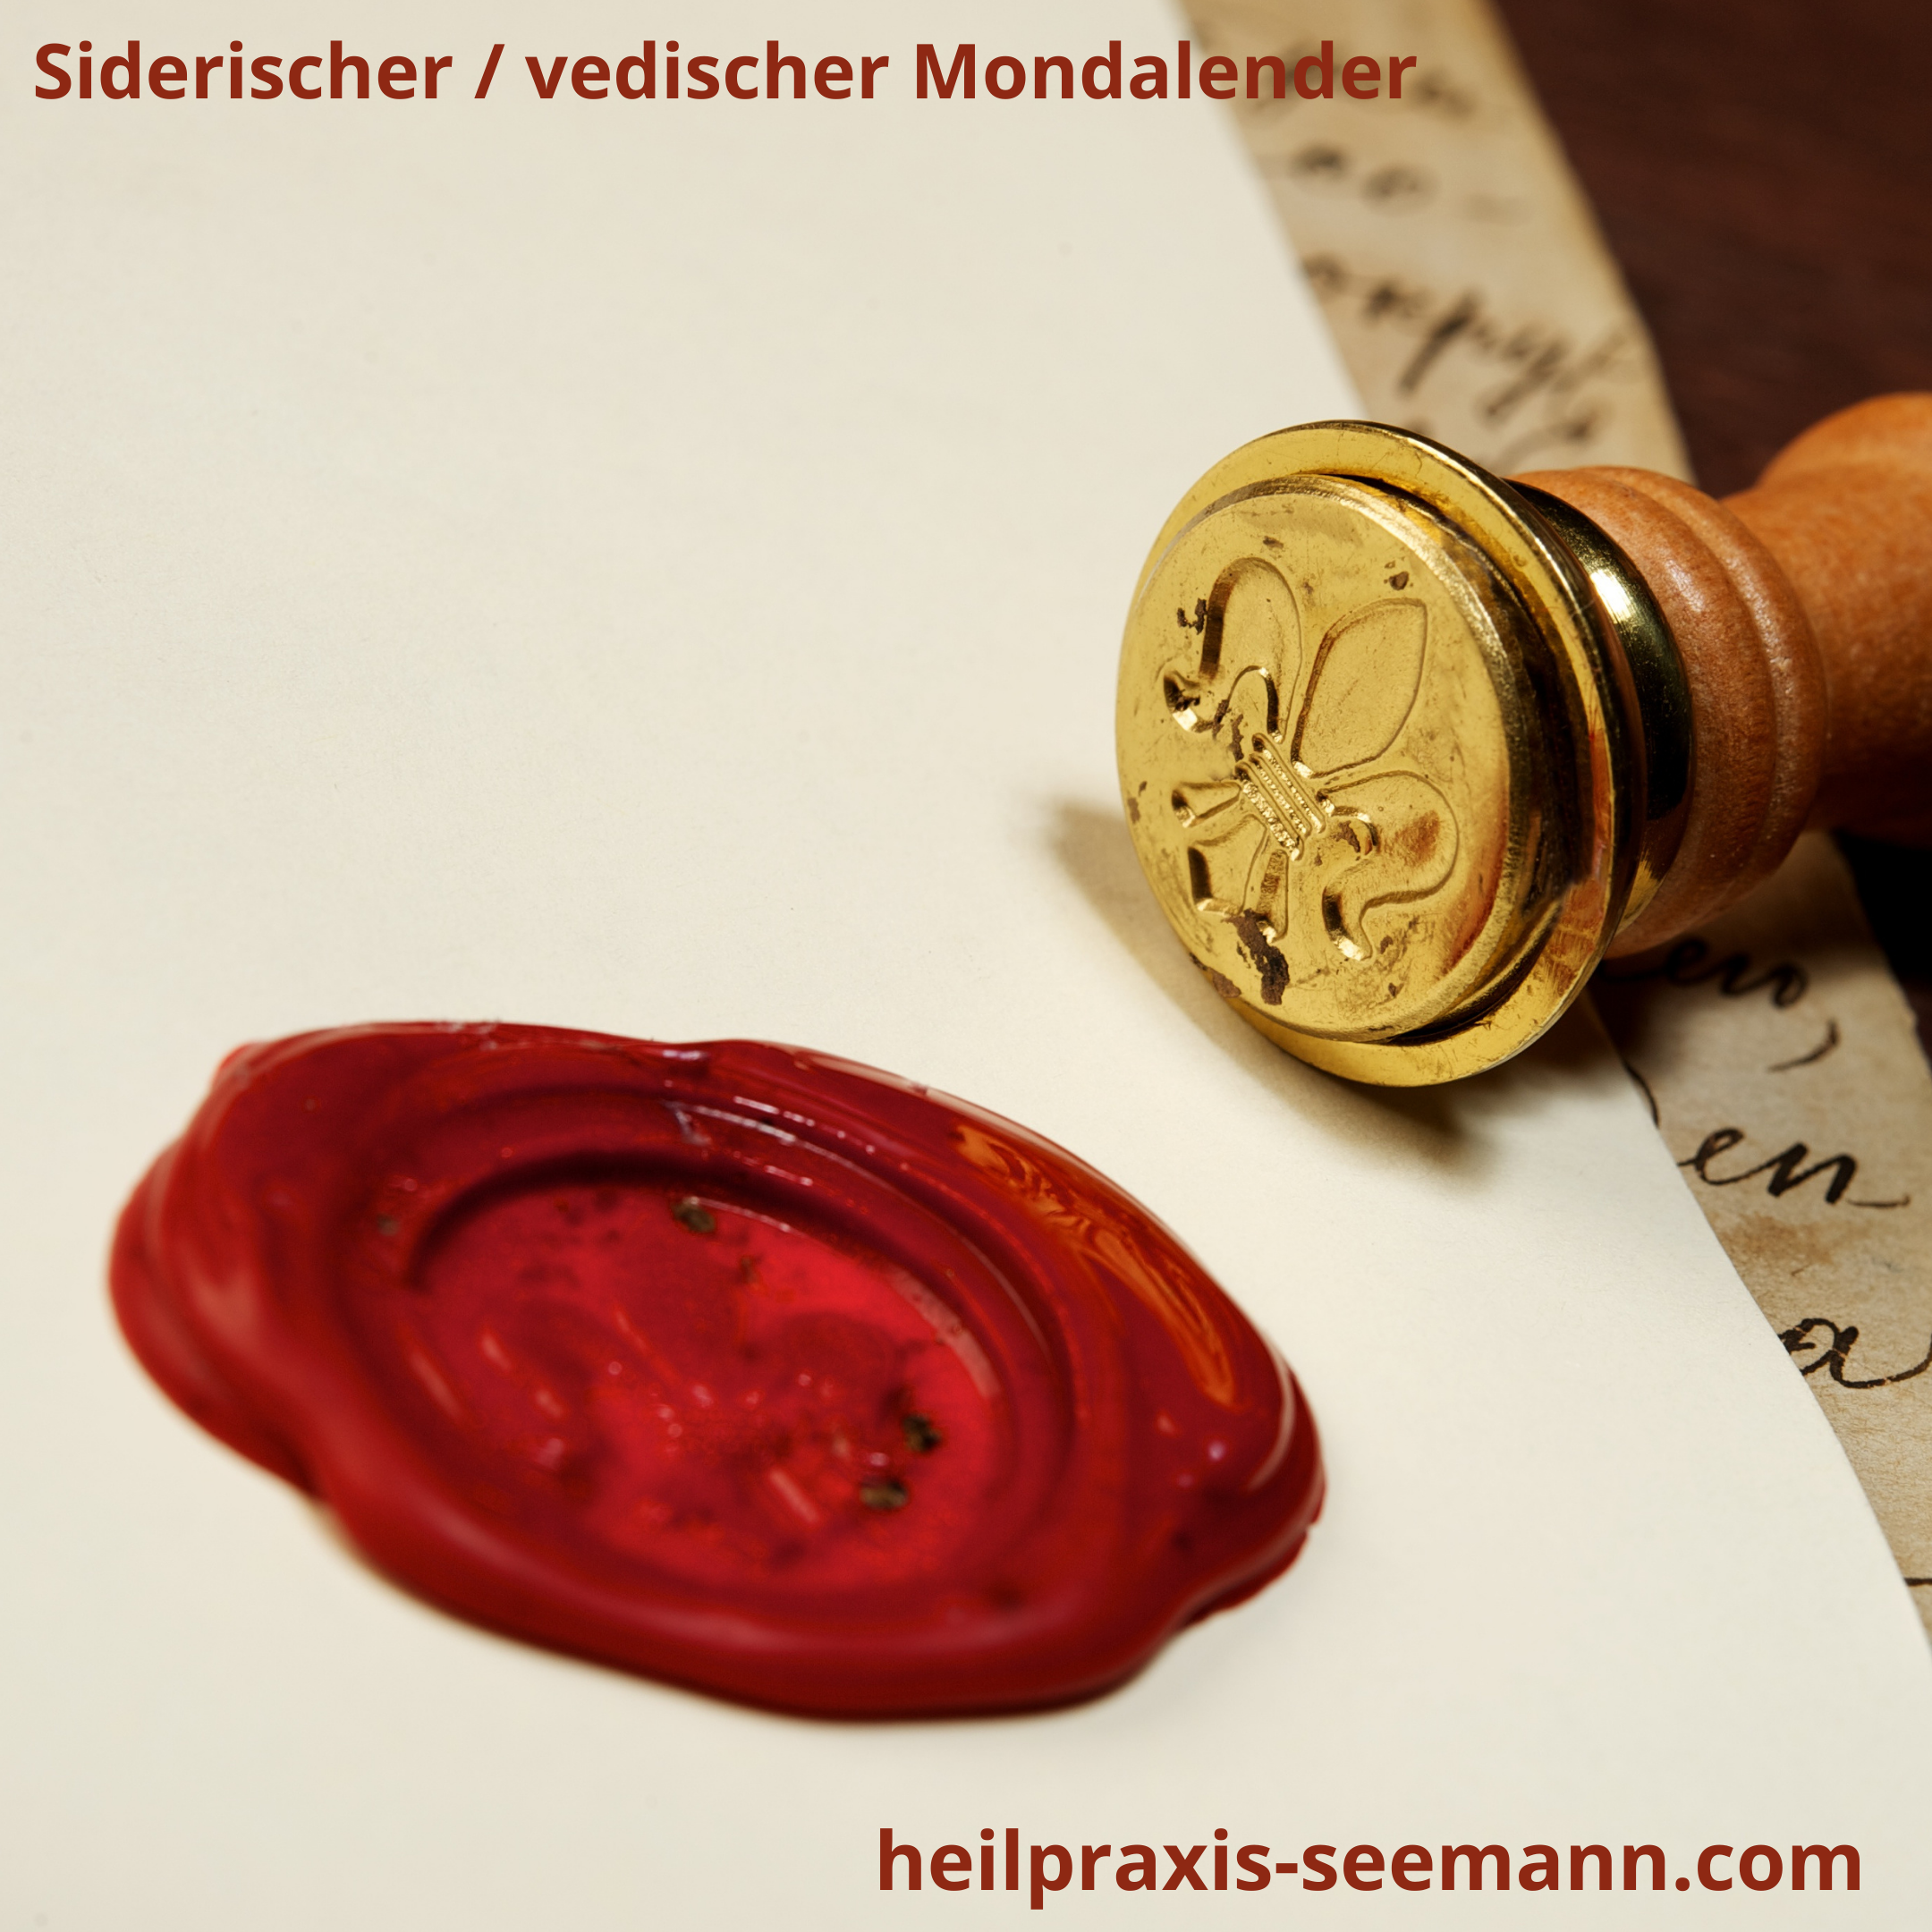 siderischer _ vedischer Mondkalender Schütze (1)